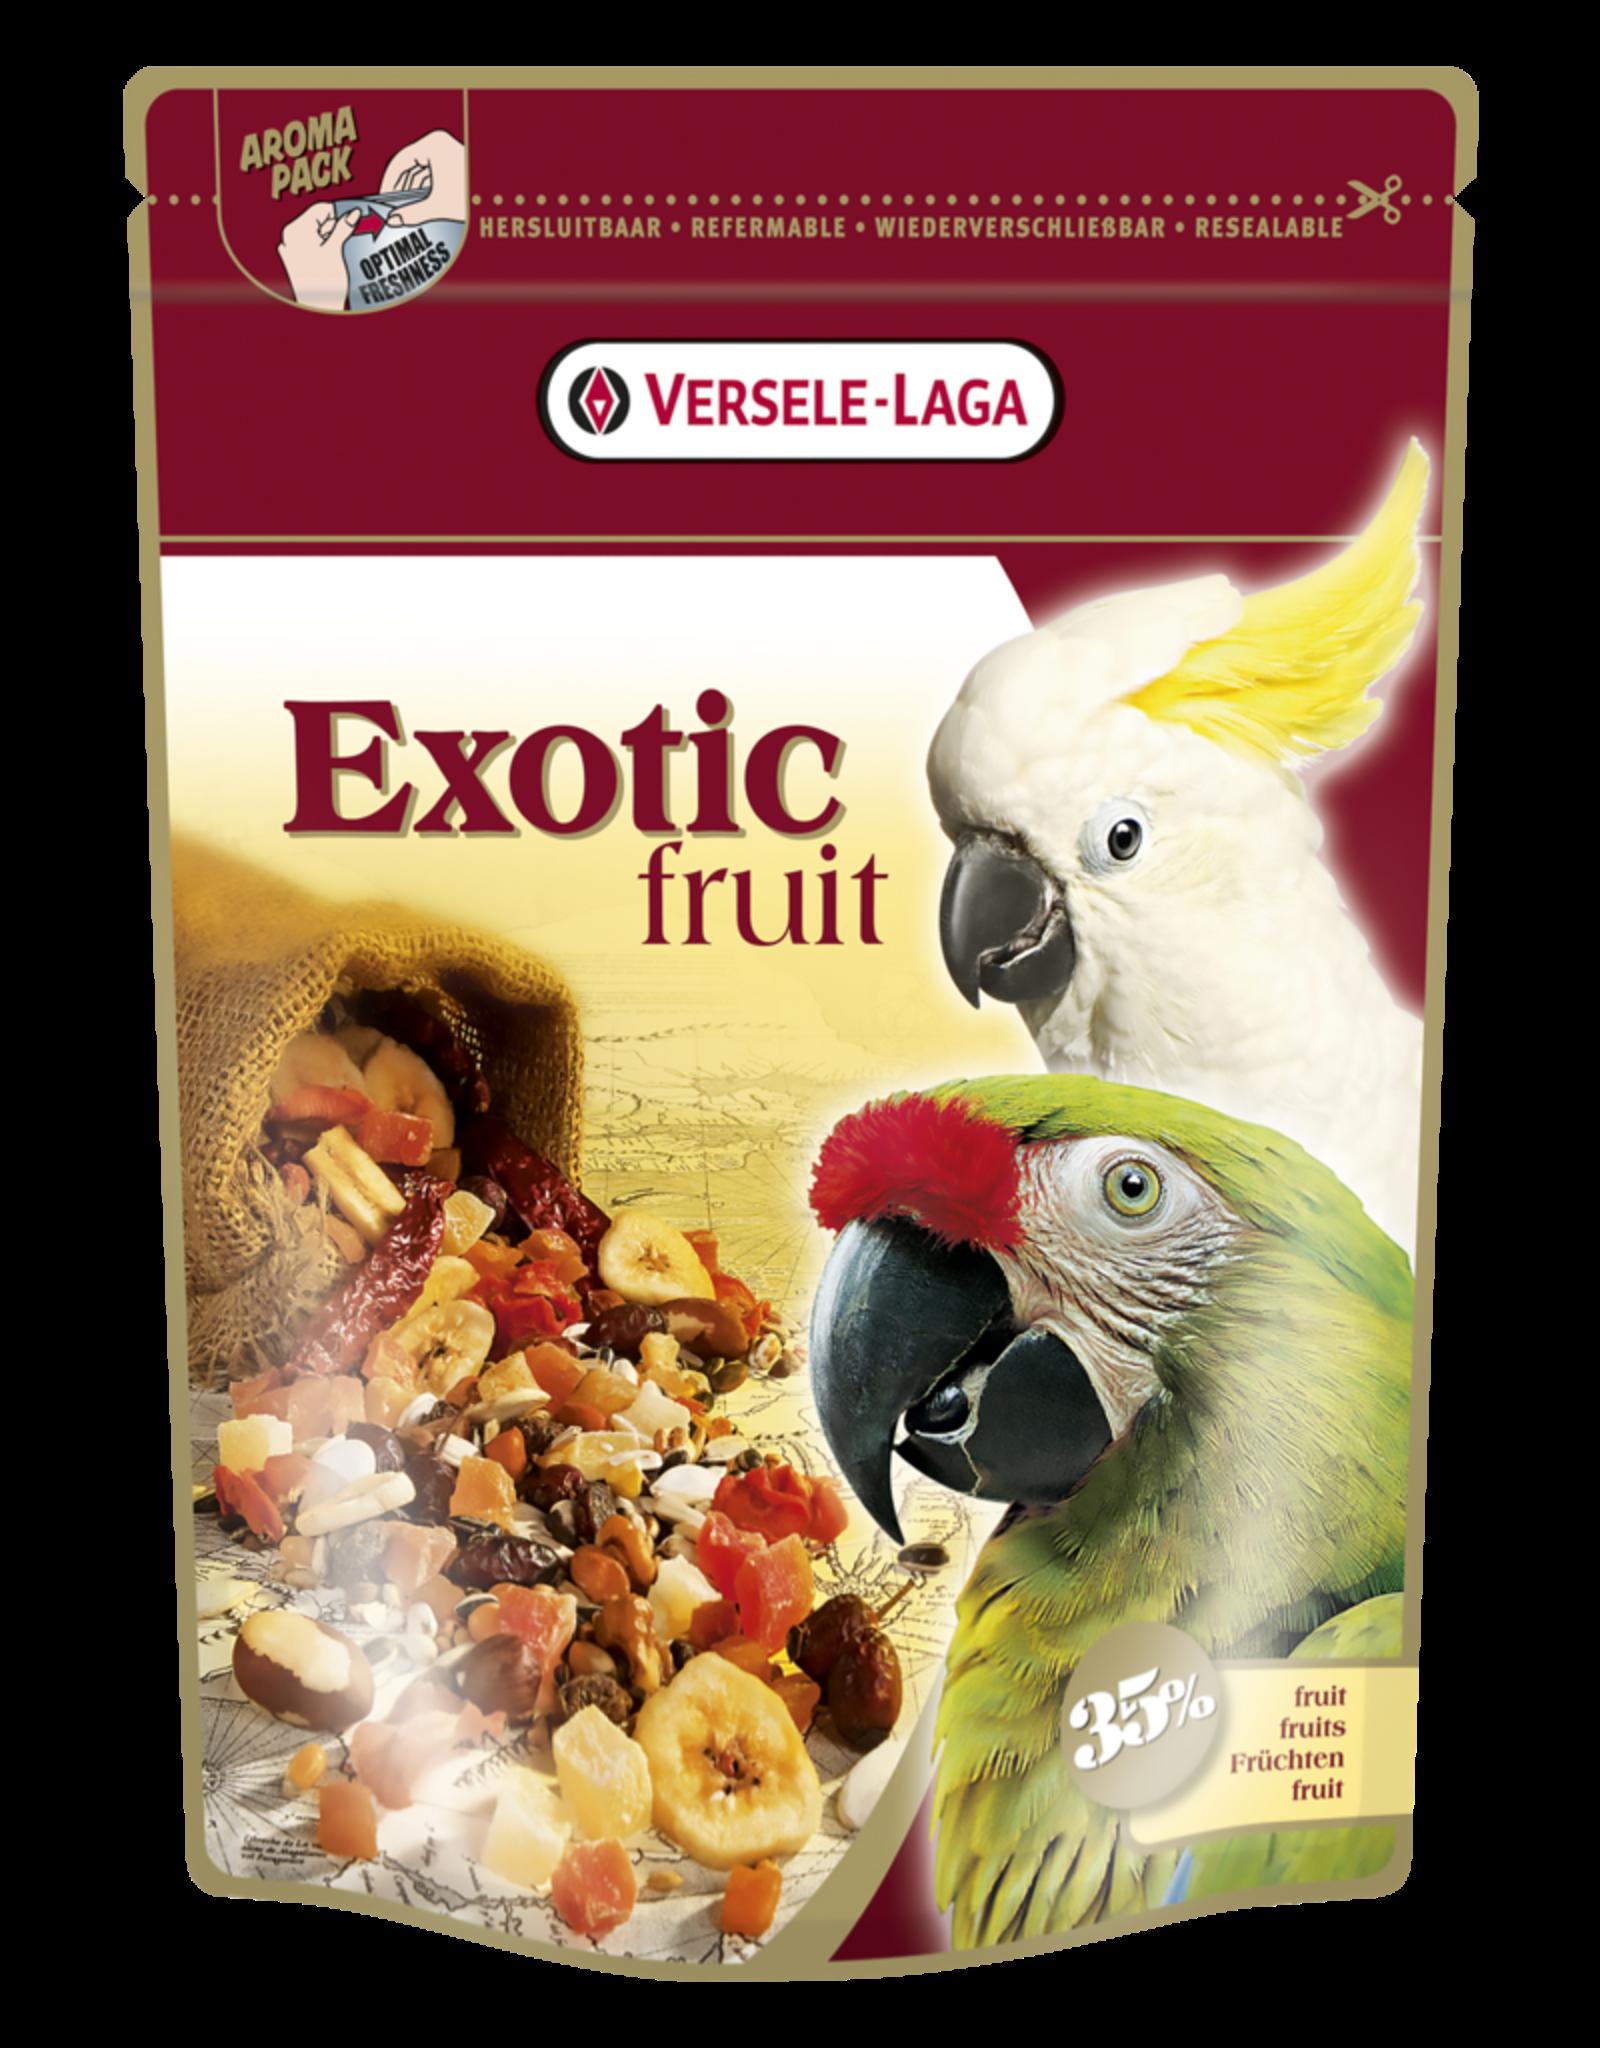 Versele laga Exotic fruit mix - 600 Gram